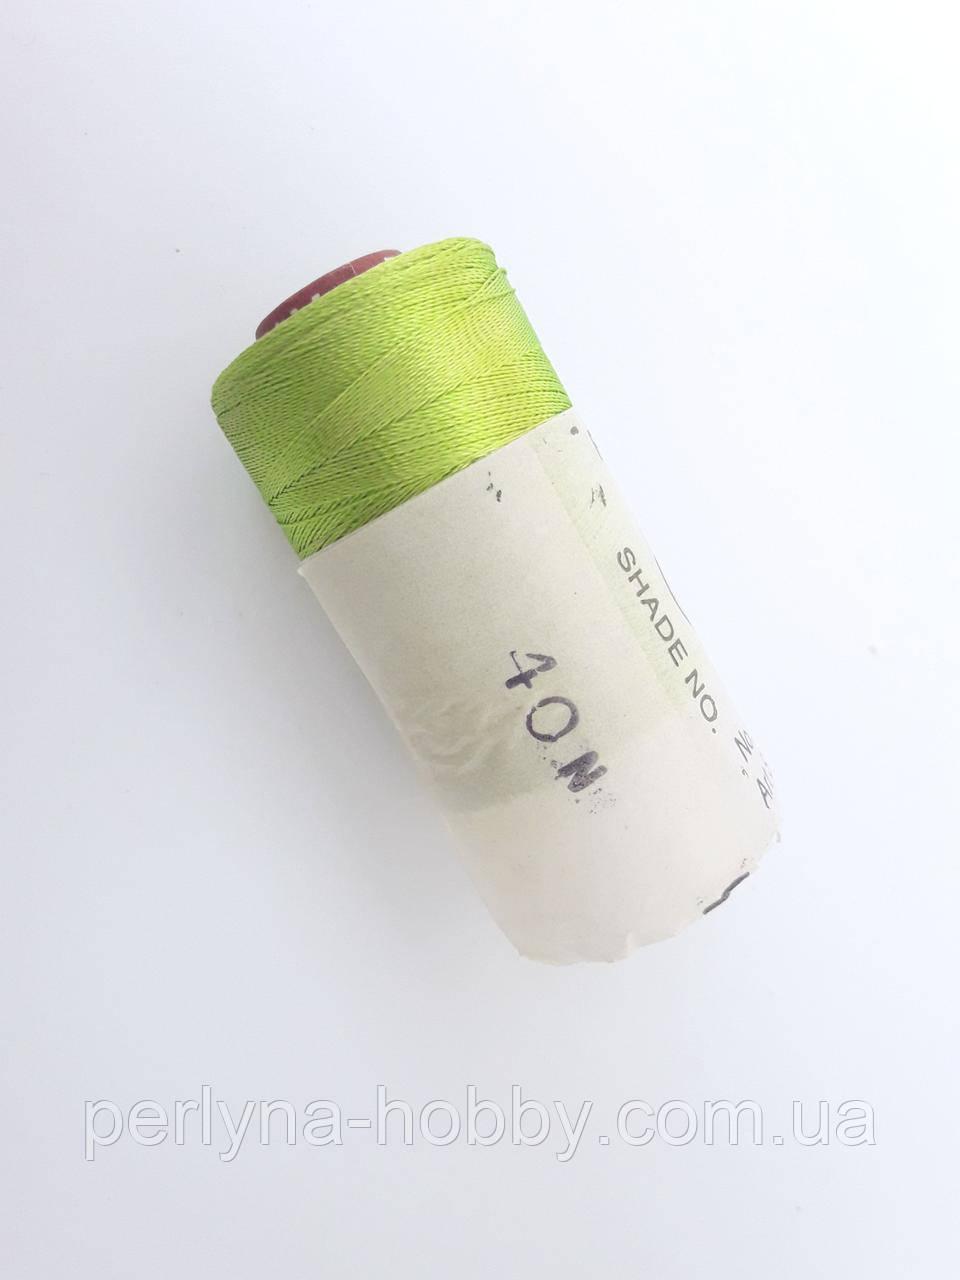 Нитки шовкові віскоза, для ручної і машинної вишивки, Індія. Салатовий ( з жовтизною) № 40N